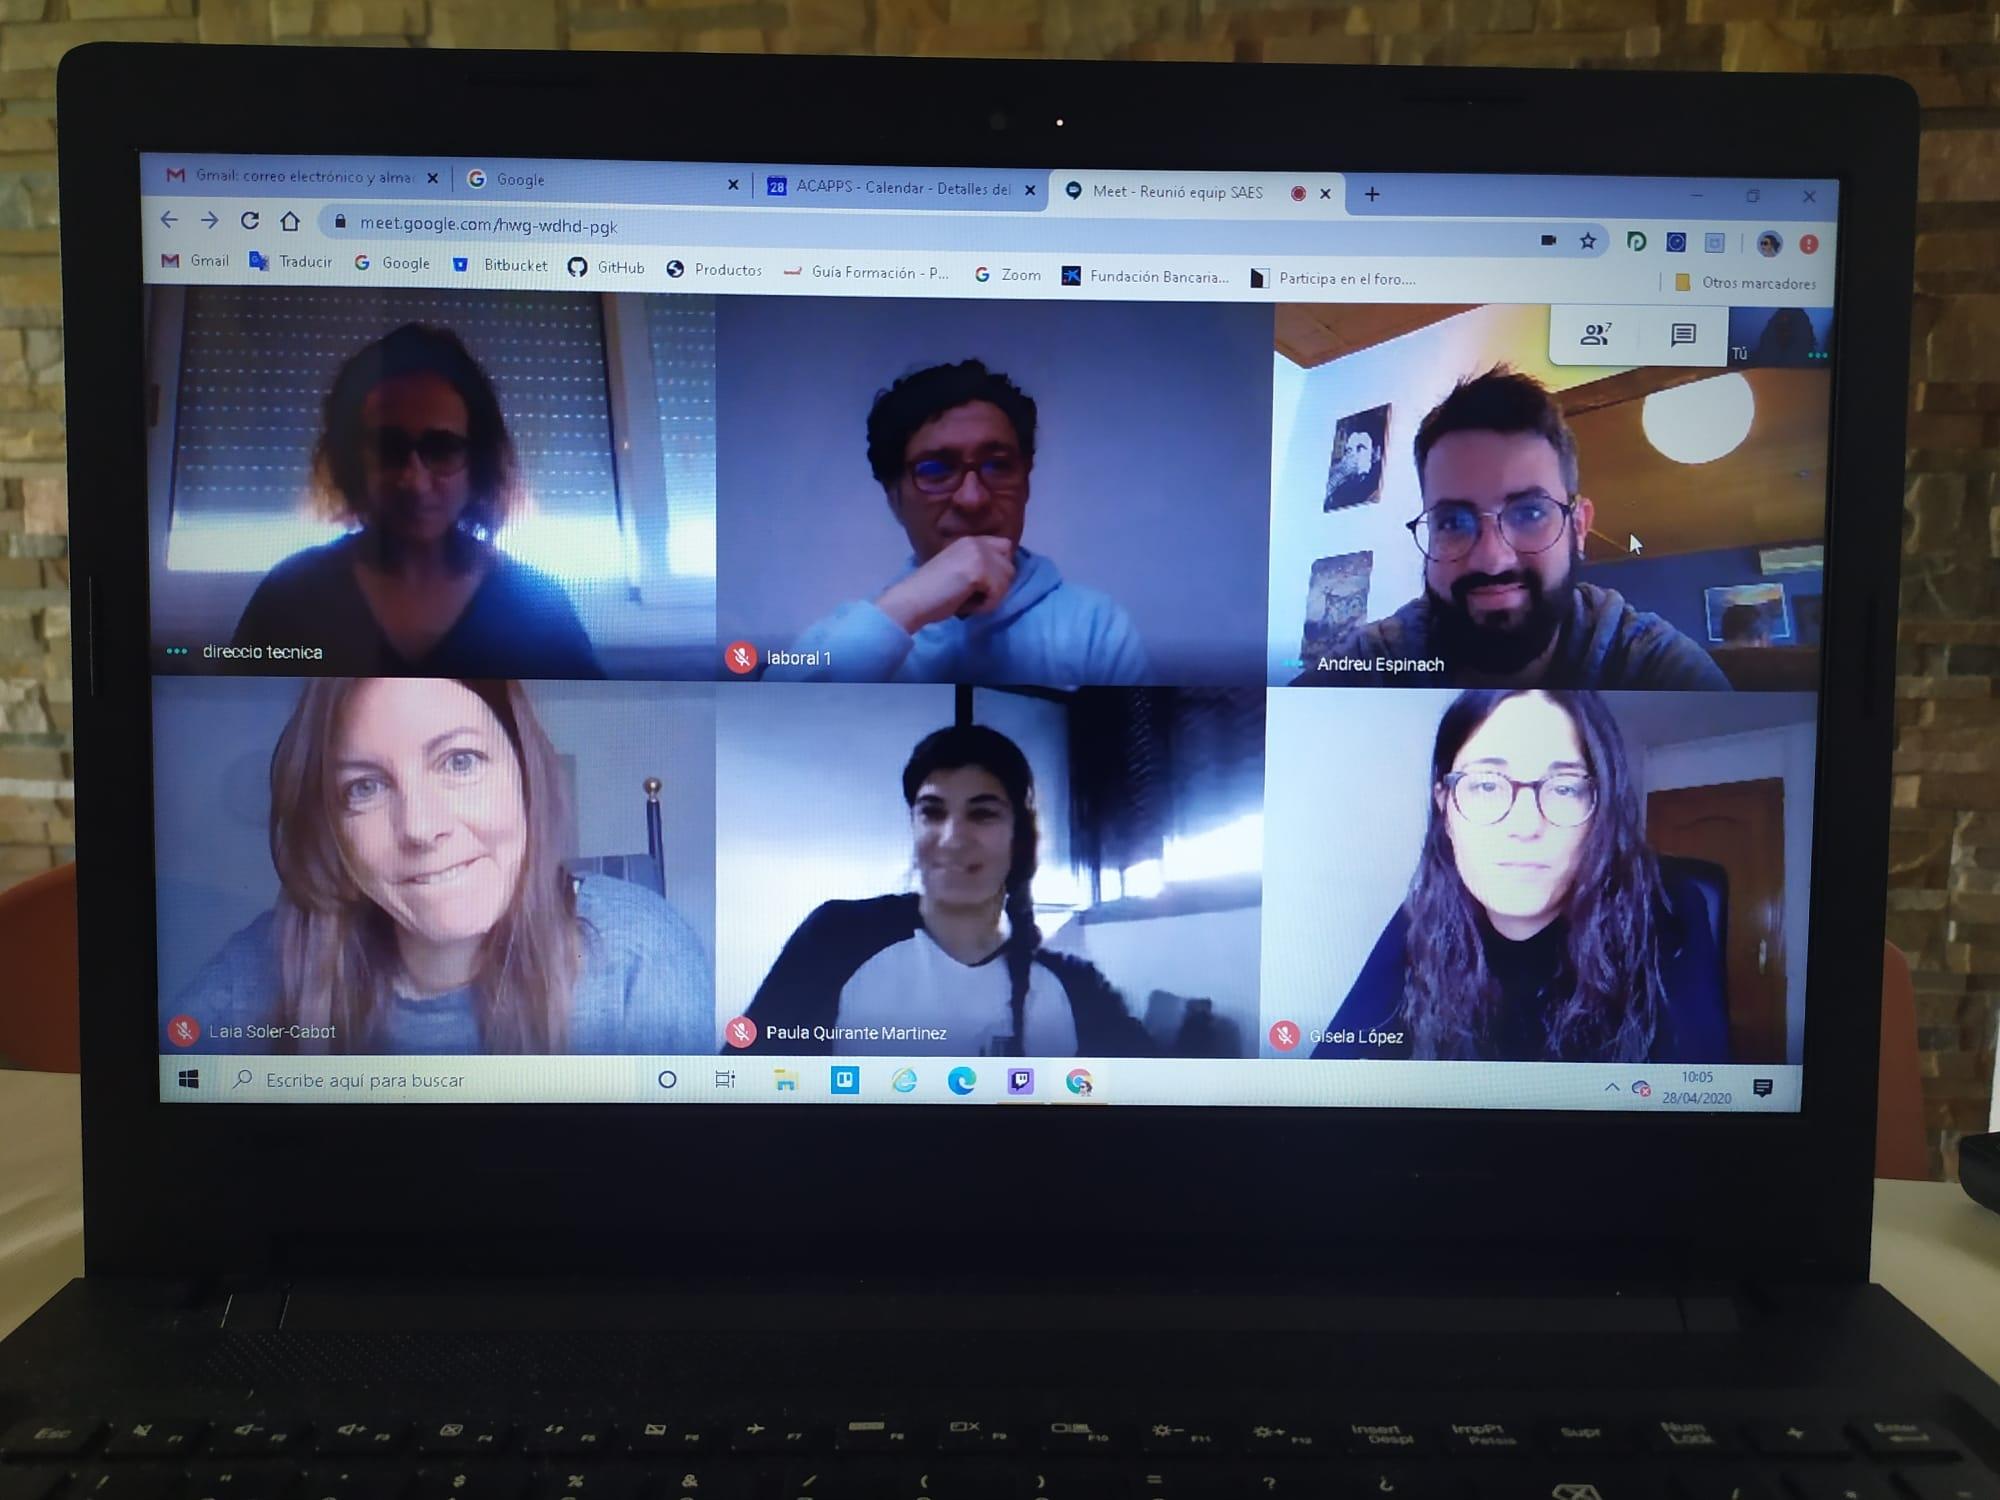 Les aplicacions de videoconferències suspenen en accessibilitat a la comunicació per a les persones amb sordesa